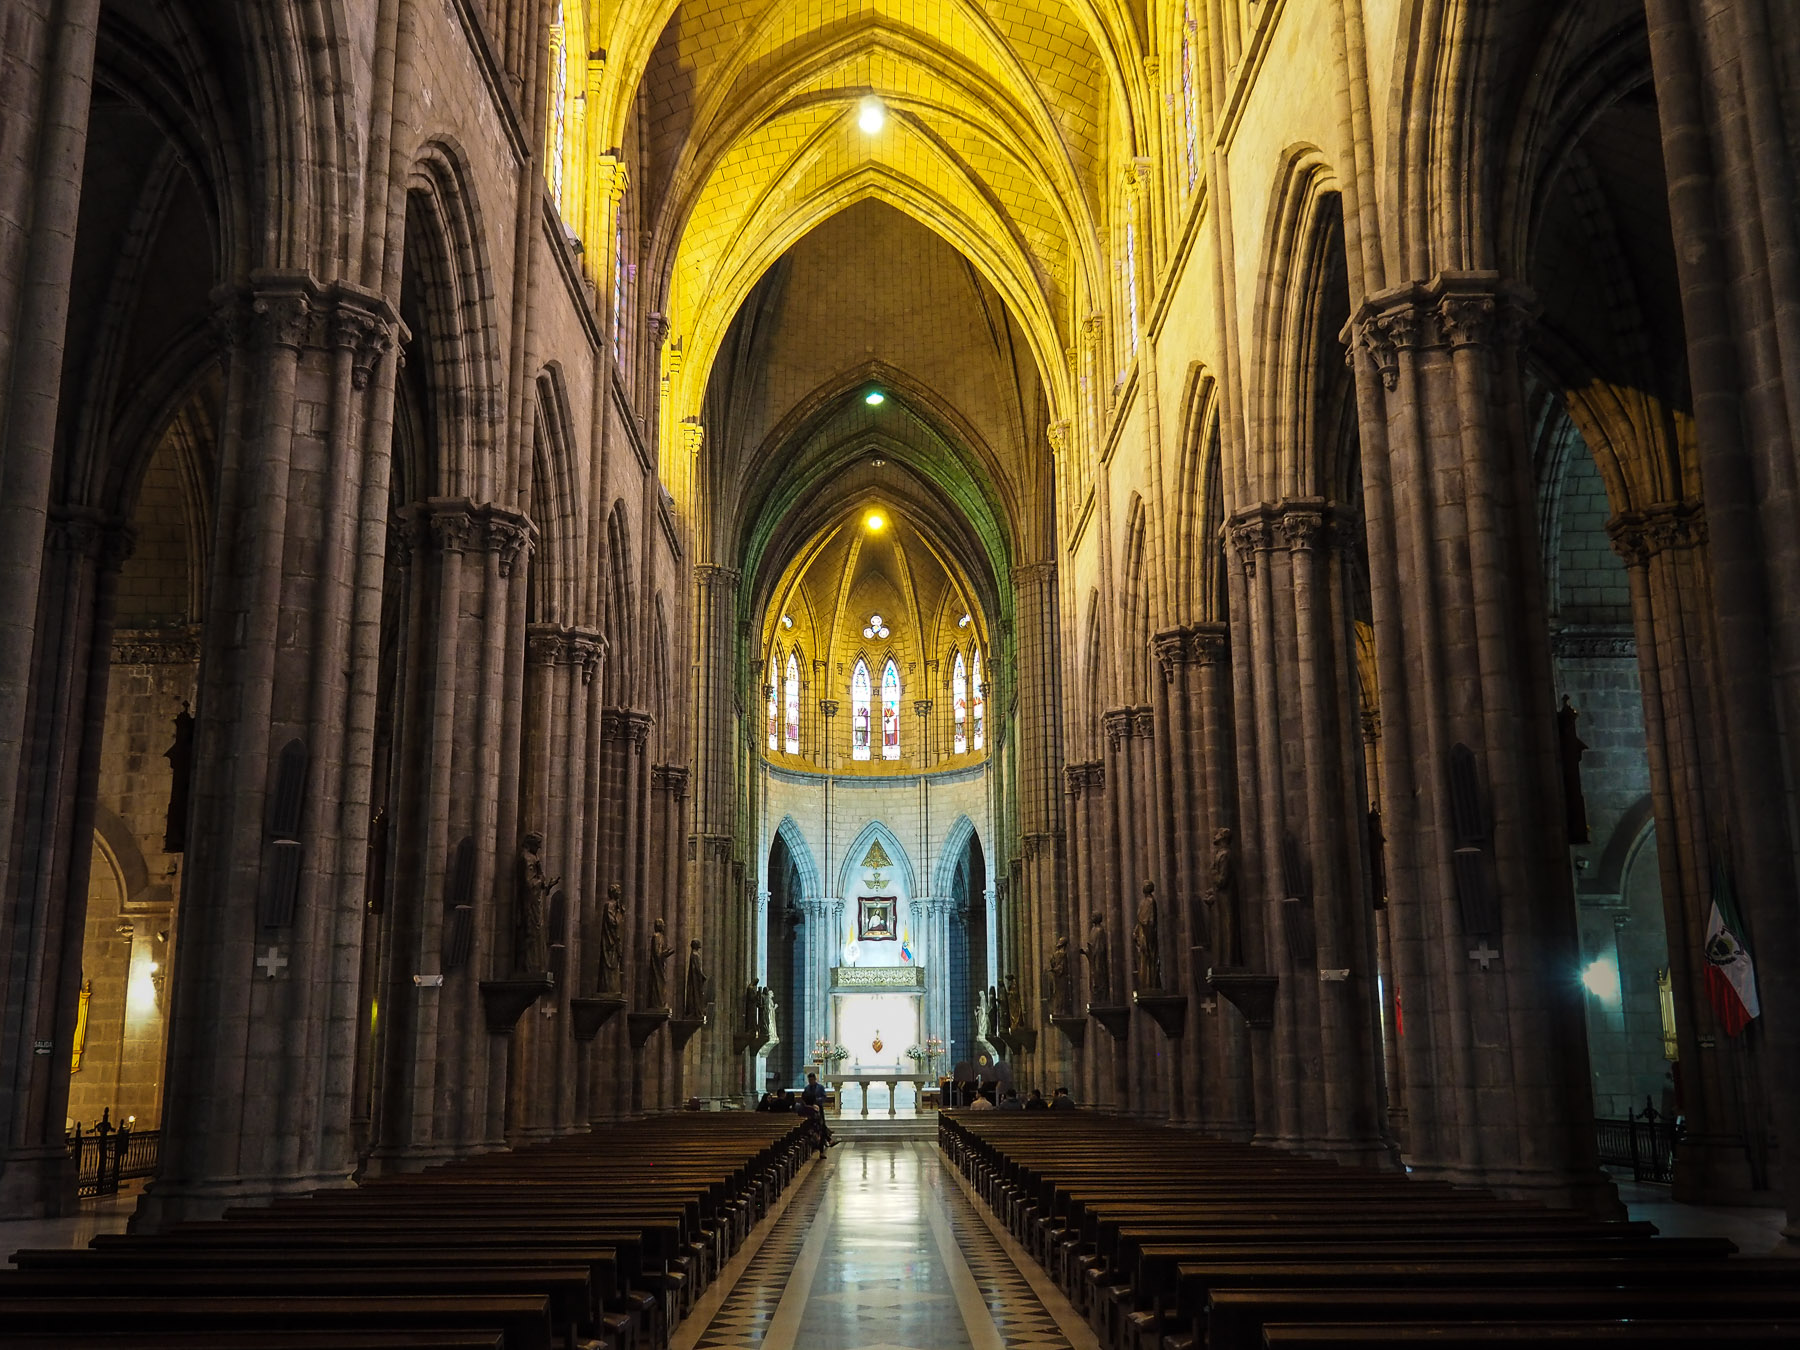 Die neugotische Basilika ist riesig